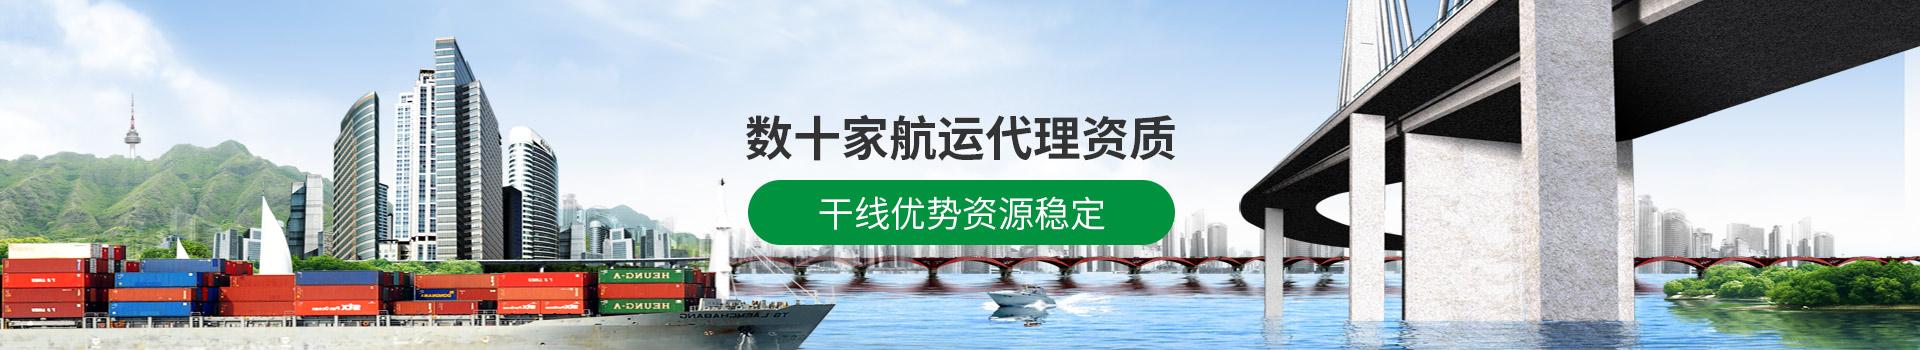 绿色国际速递  数十家航运代理资质 干线优势资源稳定